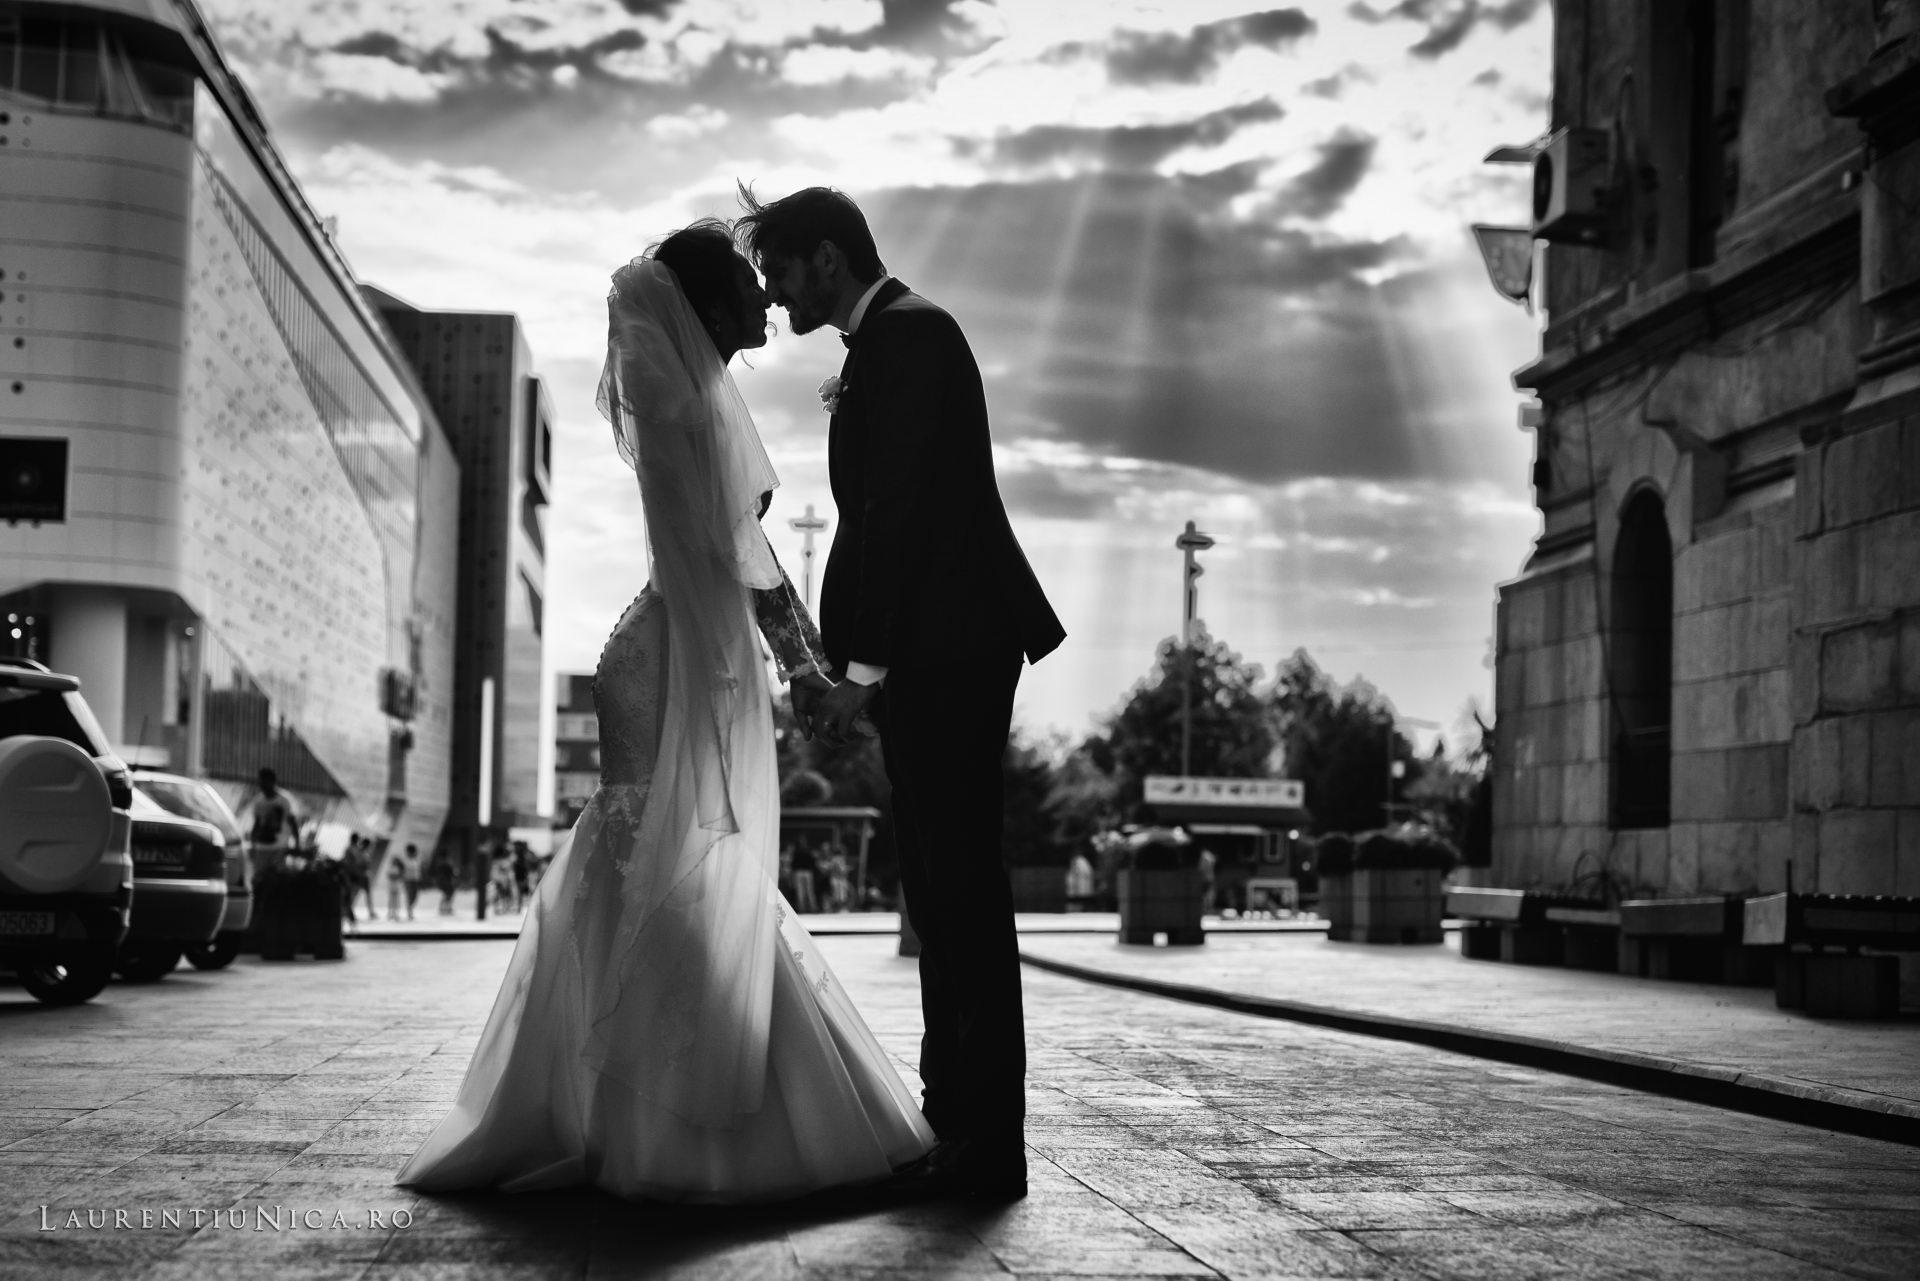 Cristina si Ovidiu nunta Craiova fotograf laurentiu nica 105 - Cristina & Ovidiu | Fotografii nunta | Craiova